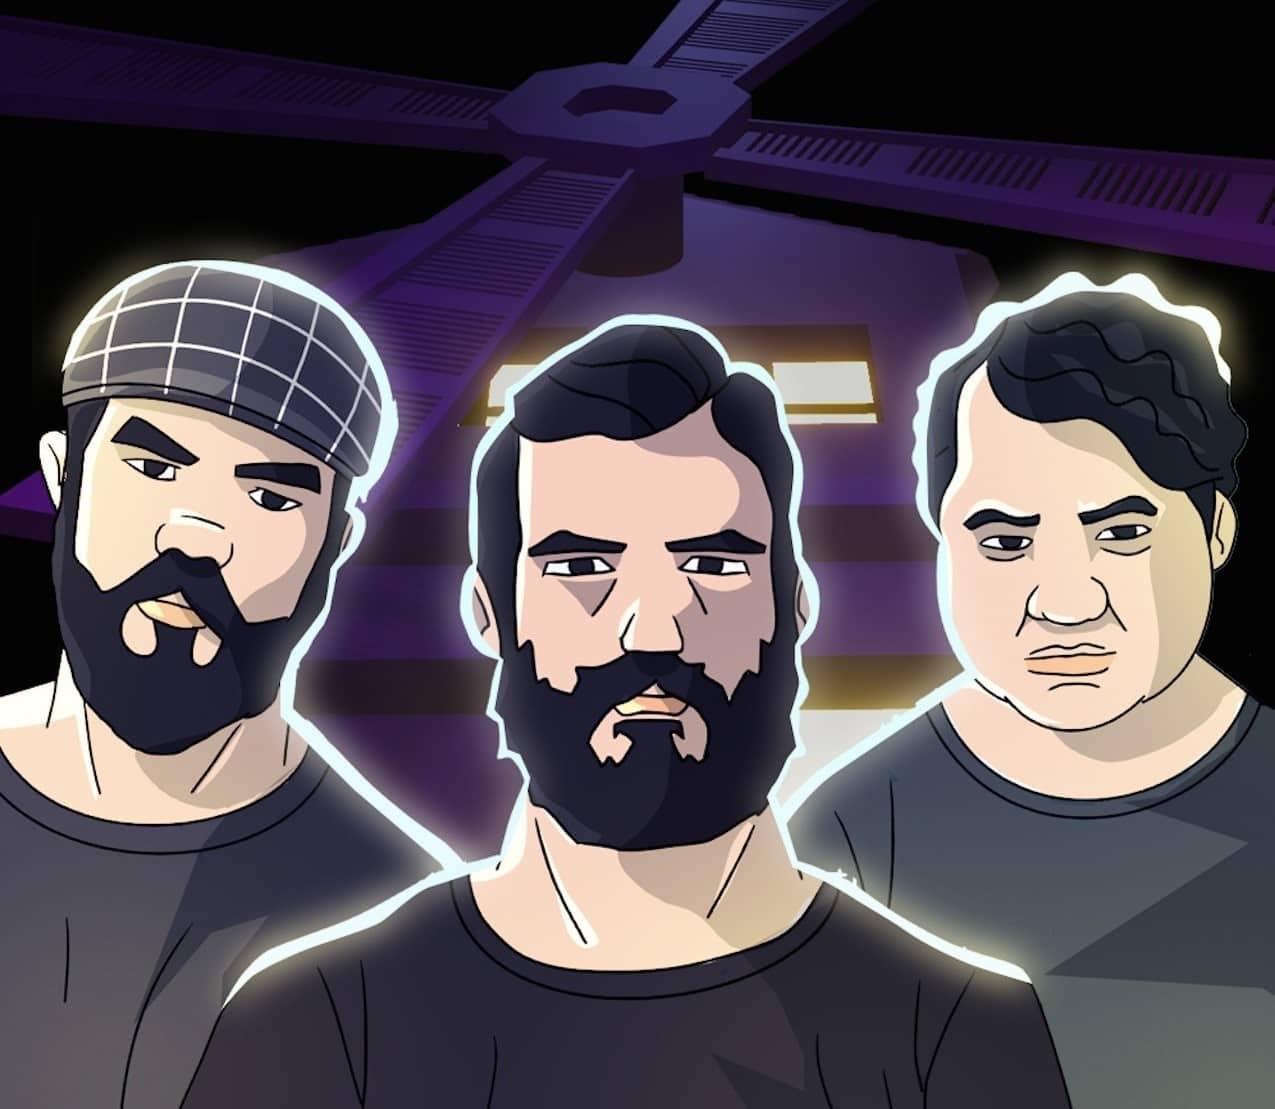 foto mostra uma caricatura com os integrantes da banda Versalles